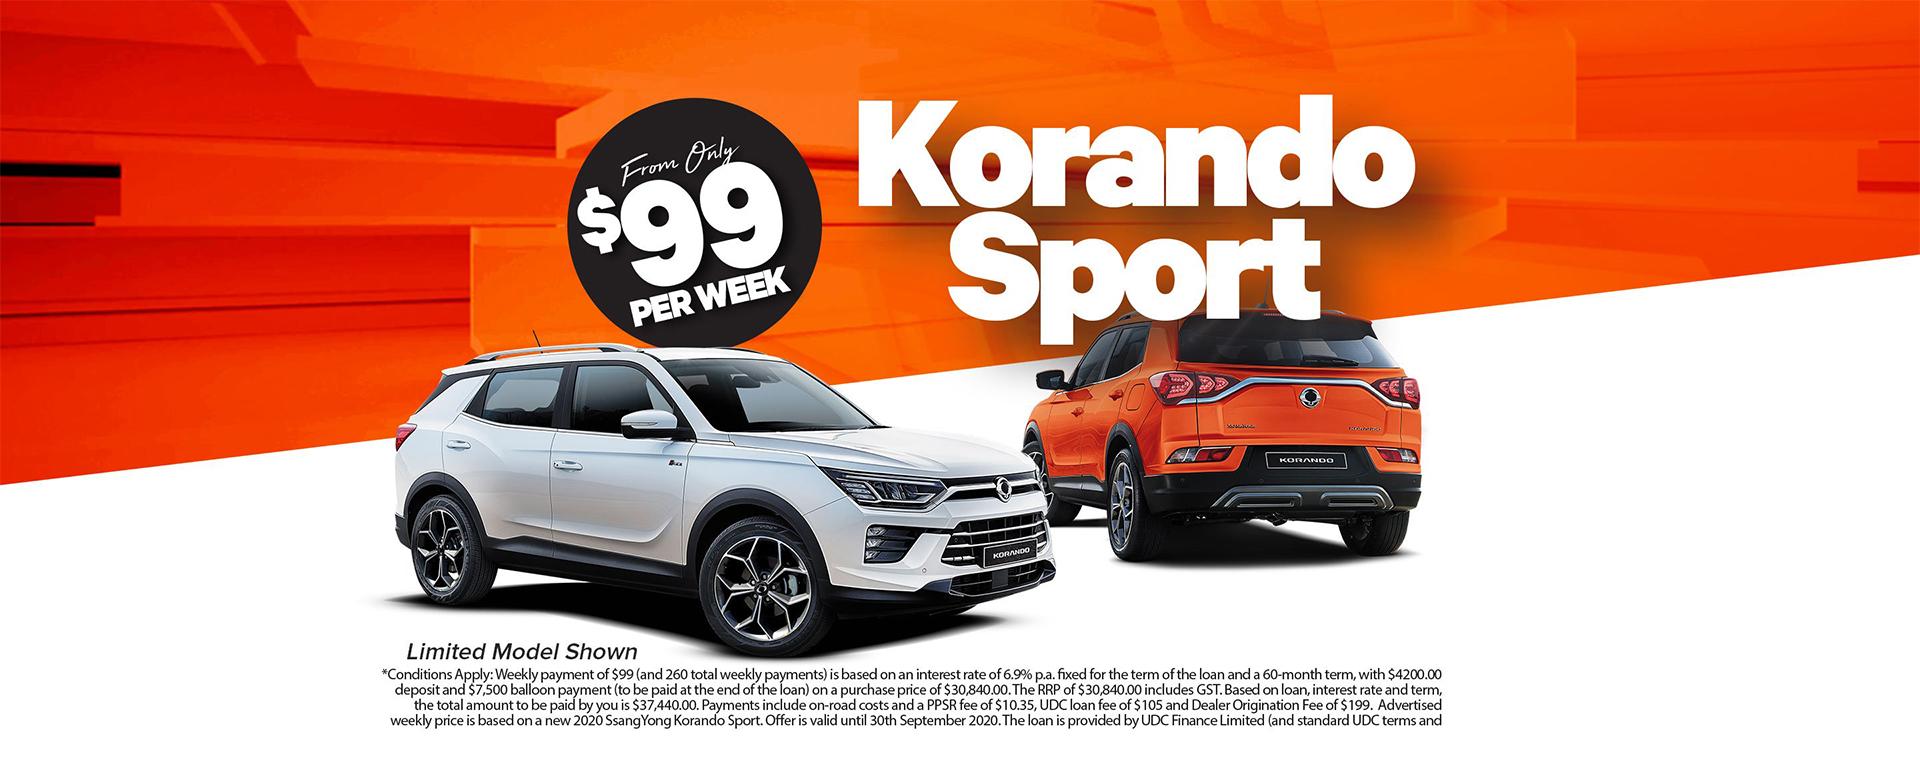 Korando Sport 99